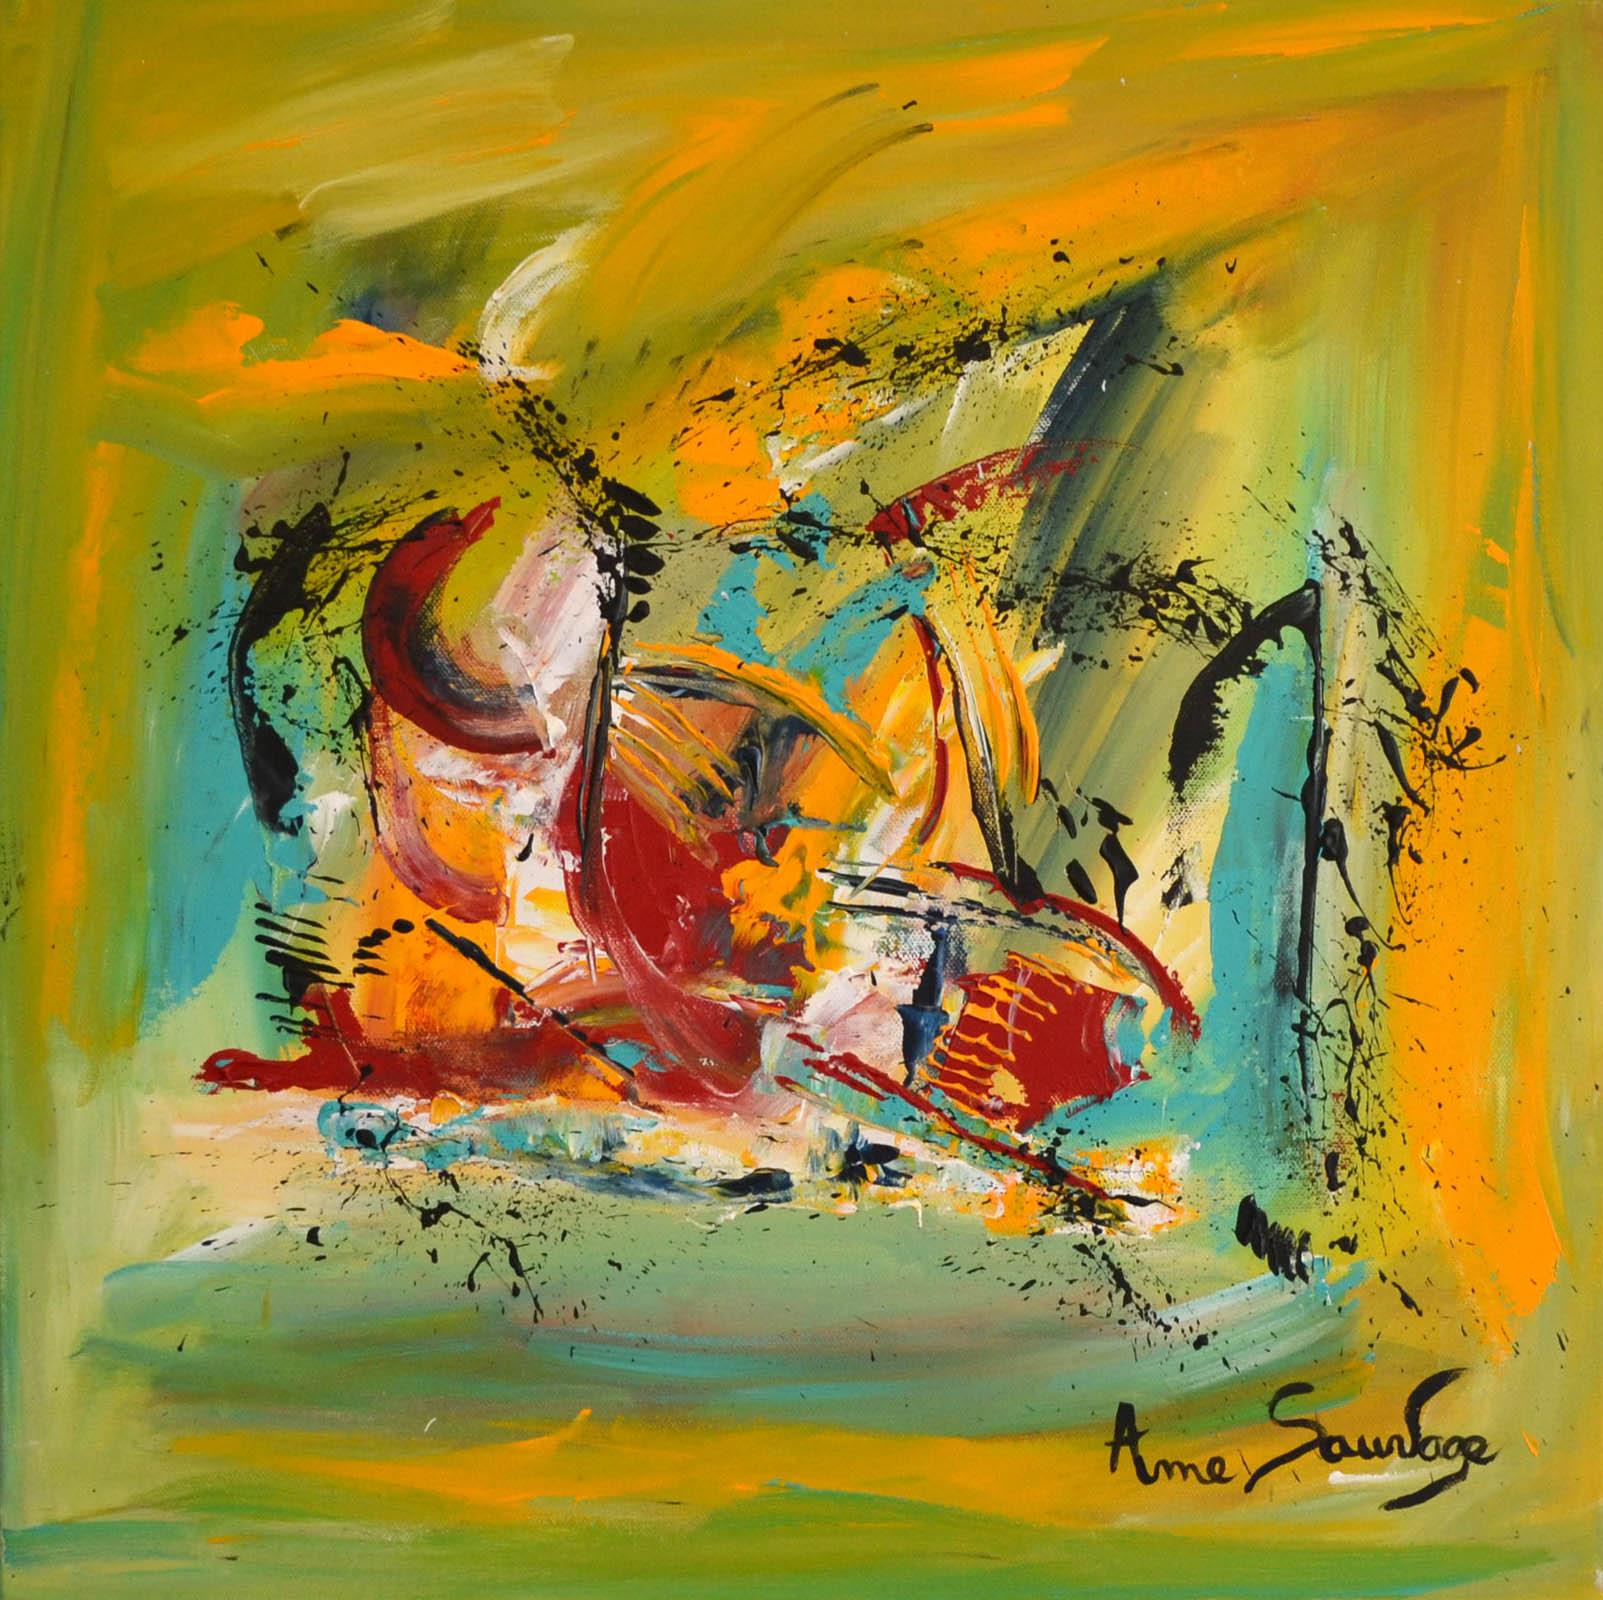 Peinture abstraite contemporaine vert jaune bleu rouge for Art contemporain abstrait